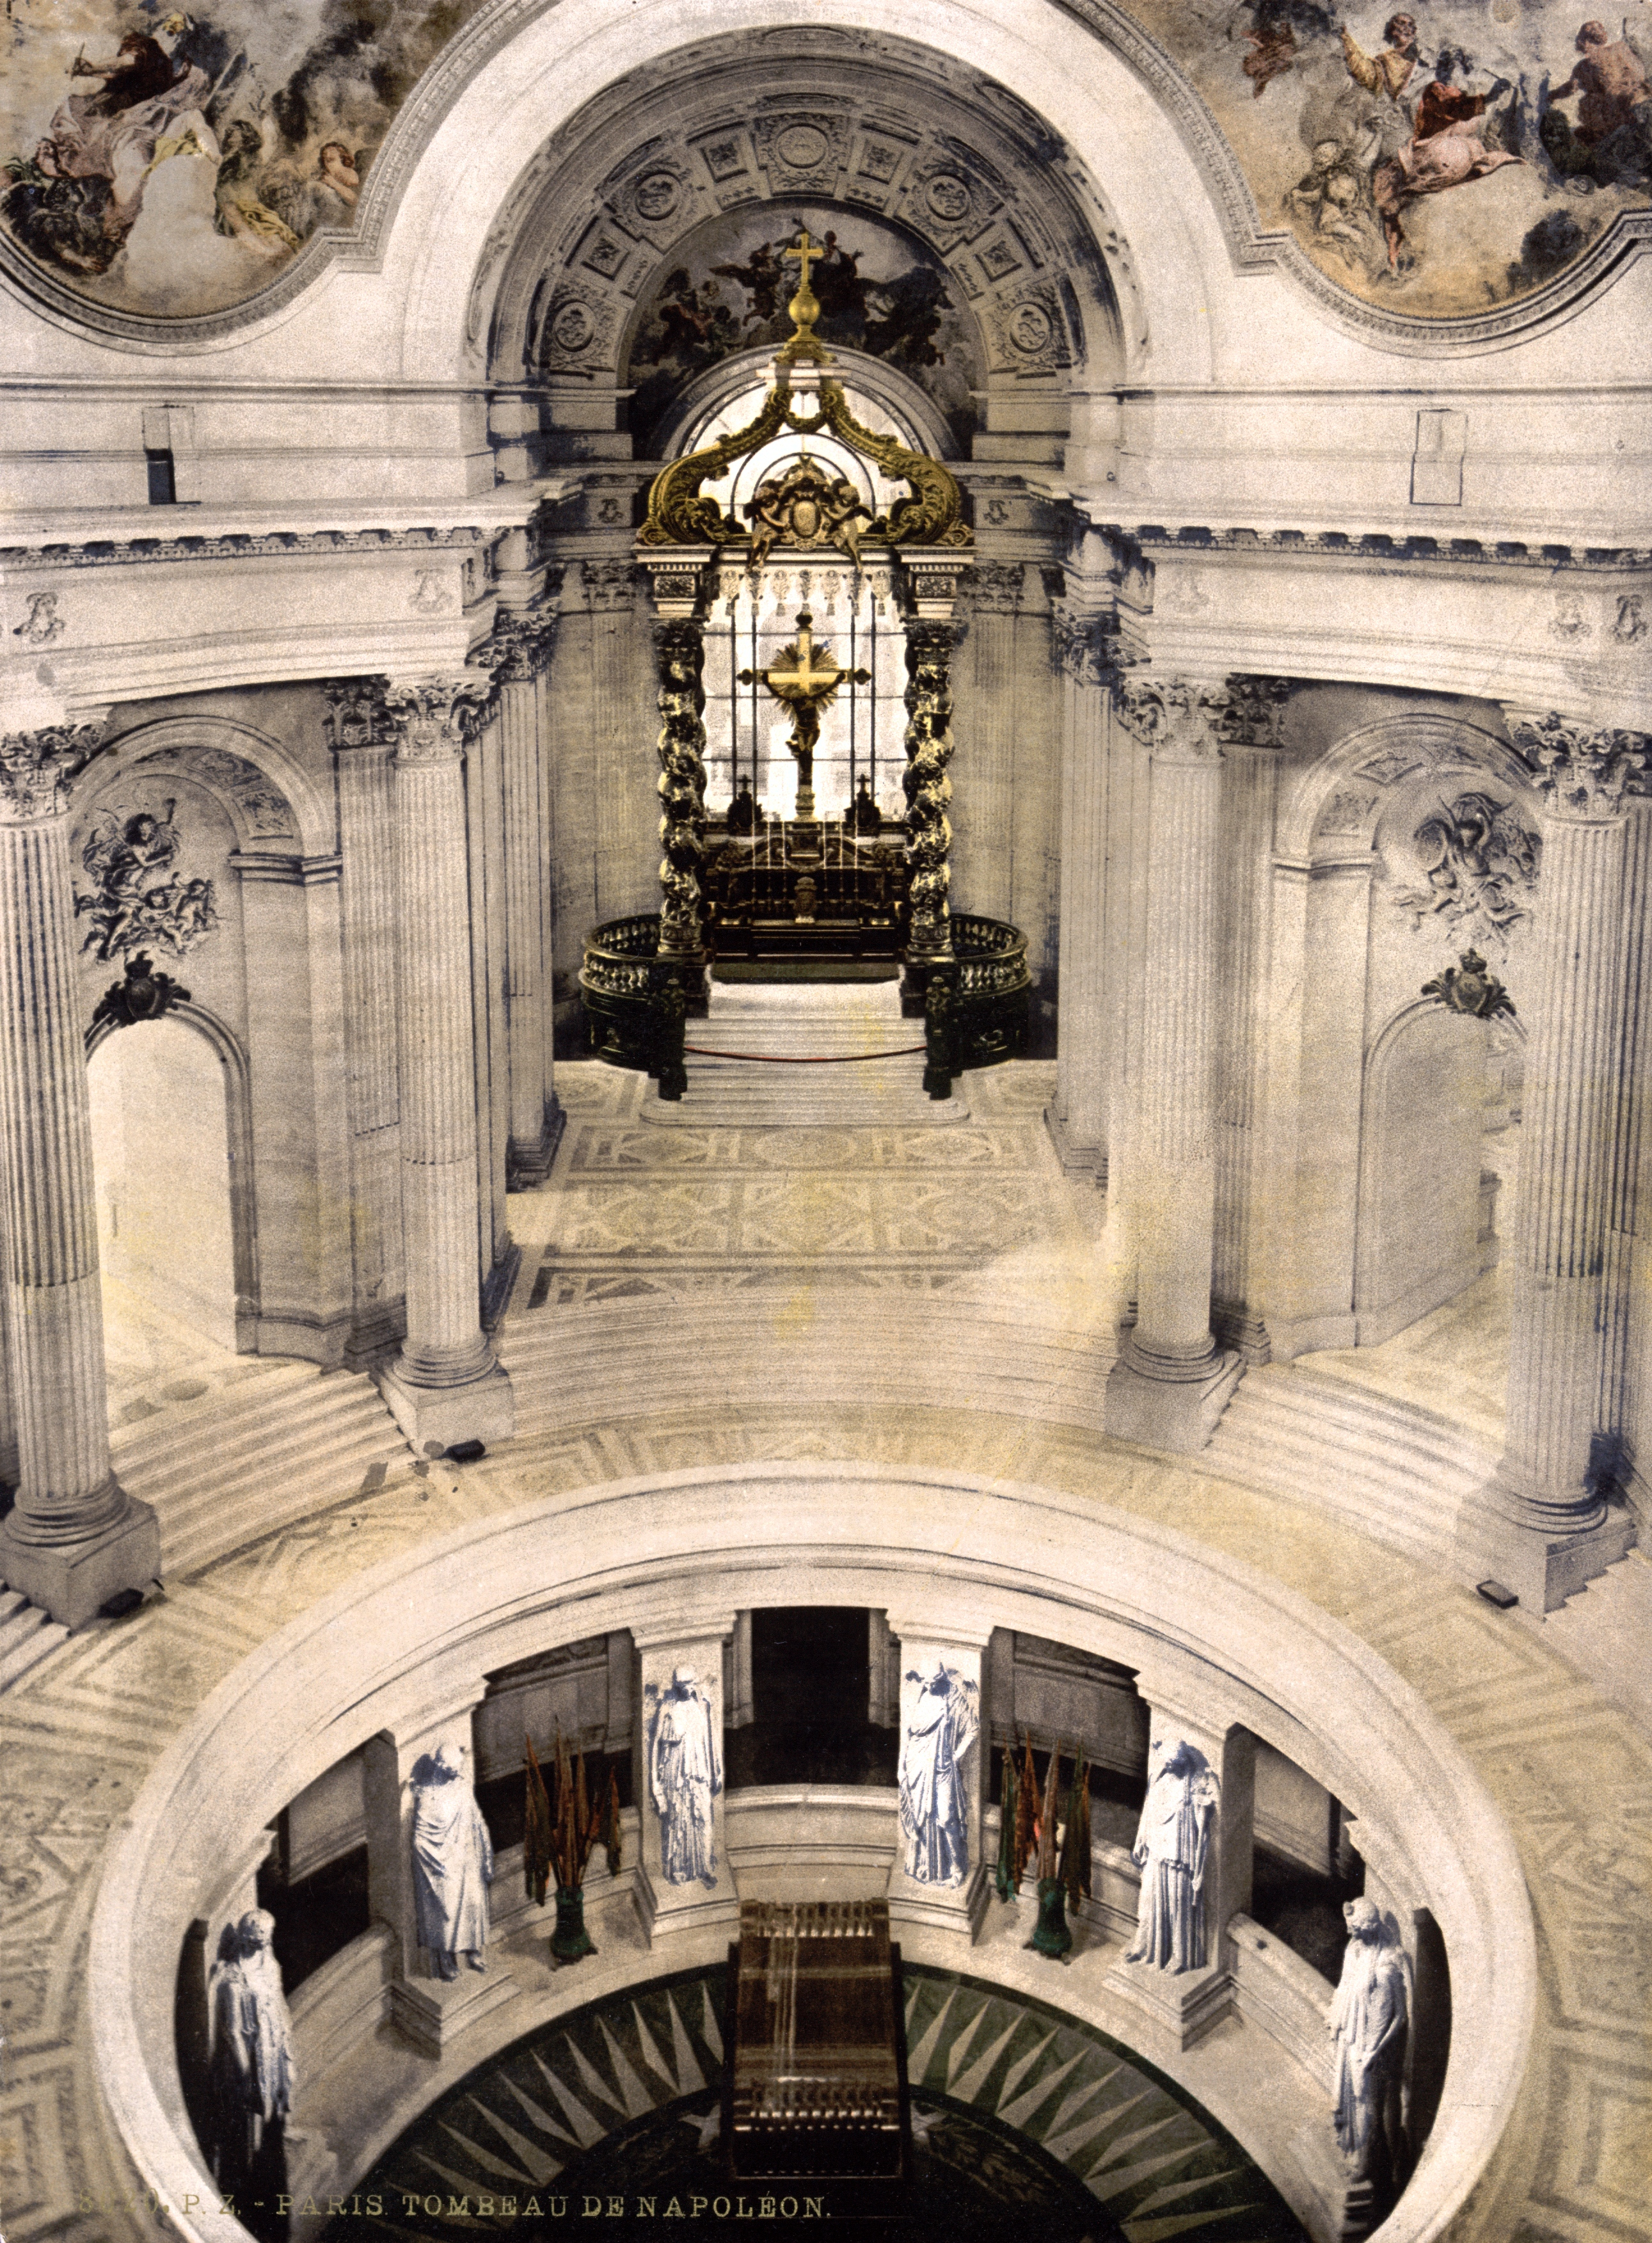 File:Napoleons tomb Paris France.jpg - Wikimedia Commons